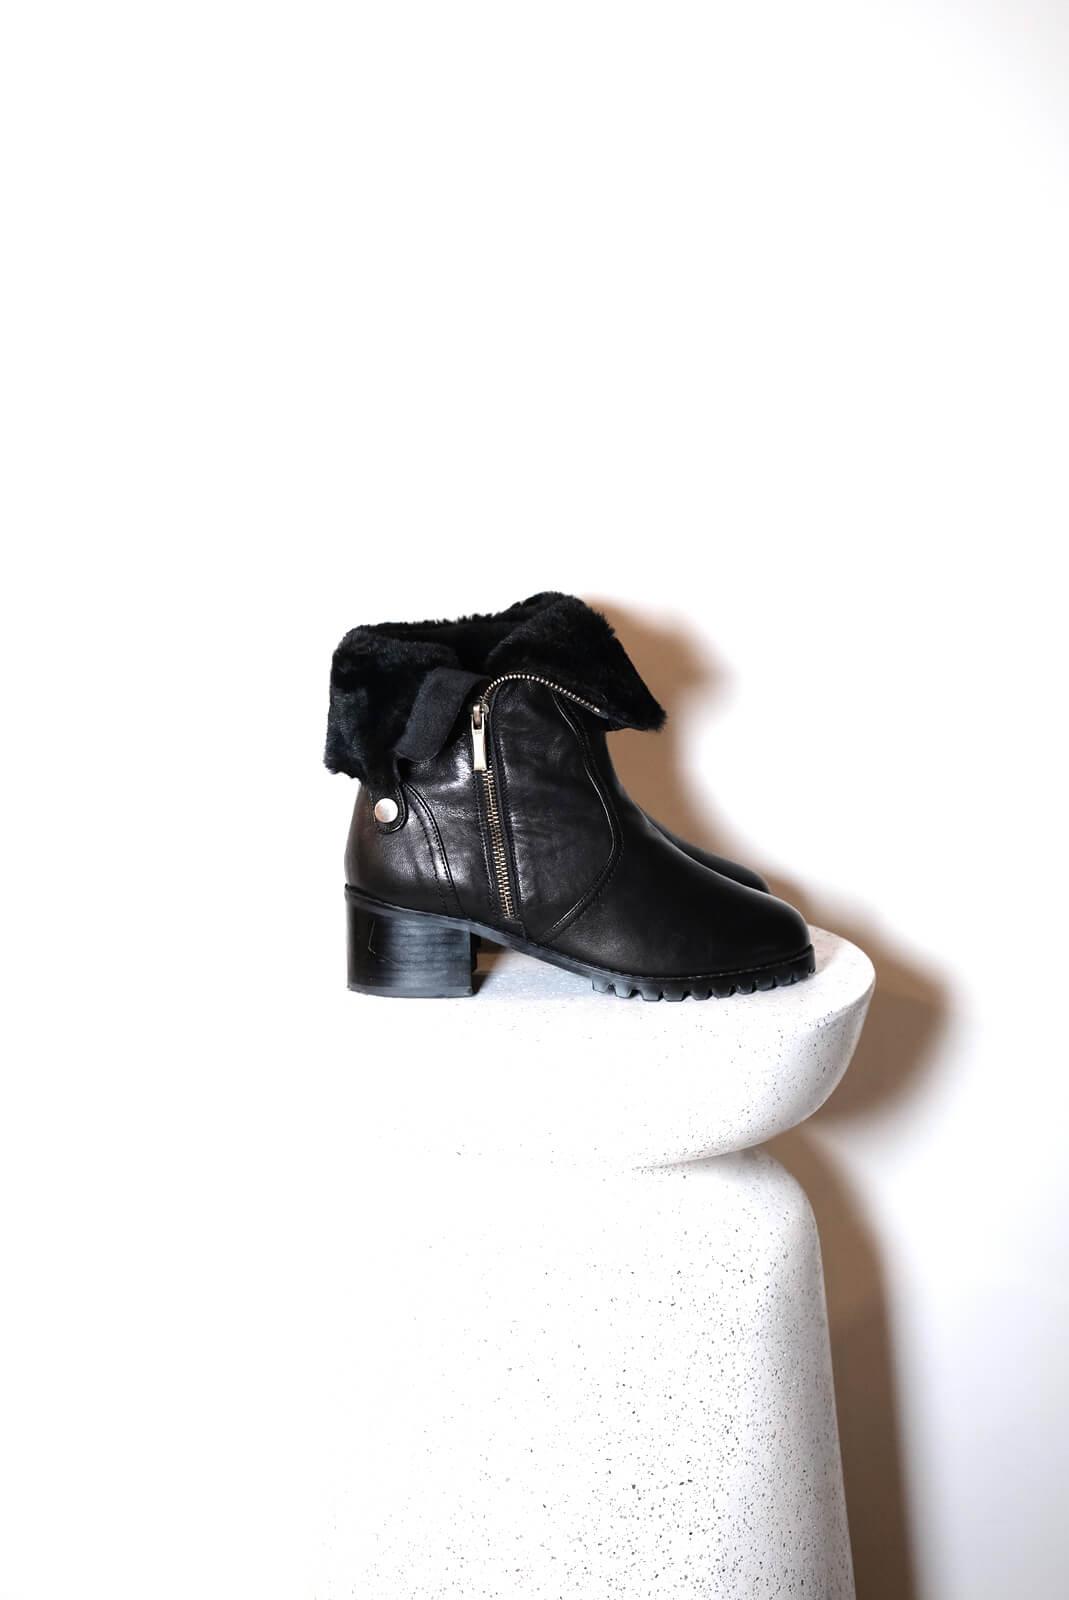 DC羔羊毛登山靴